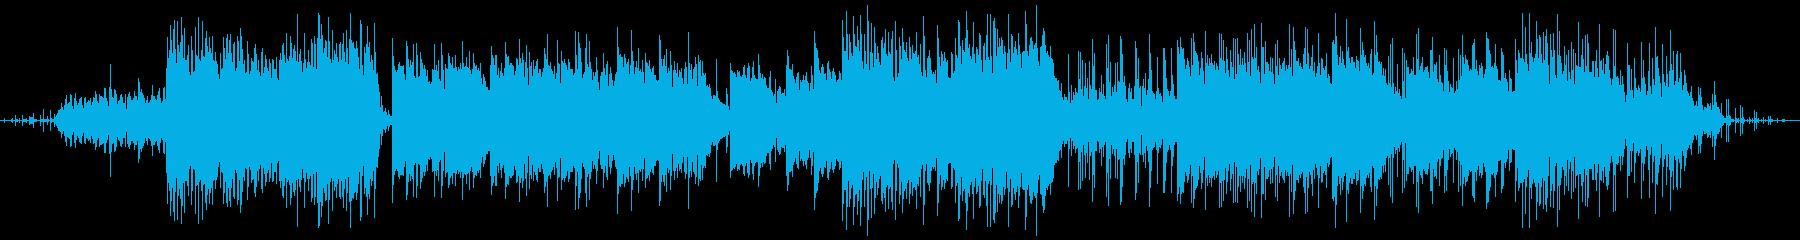 エレクトロニック 説明的 クール ...の再生済みの波形